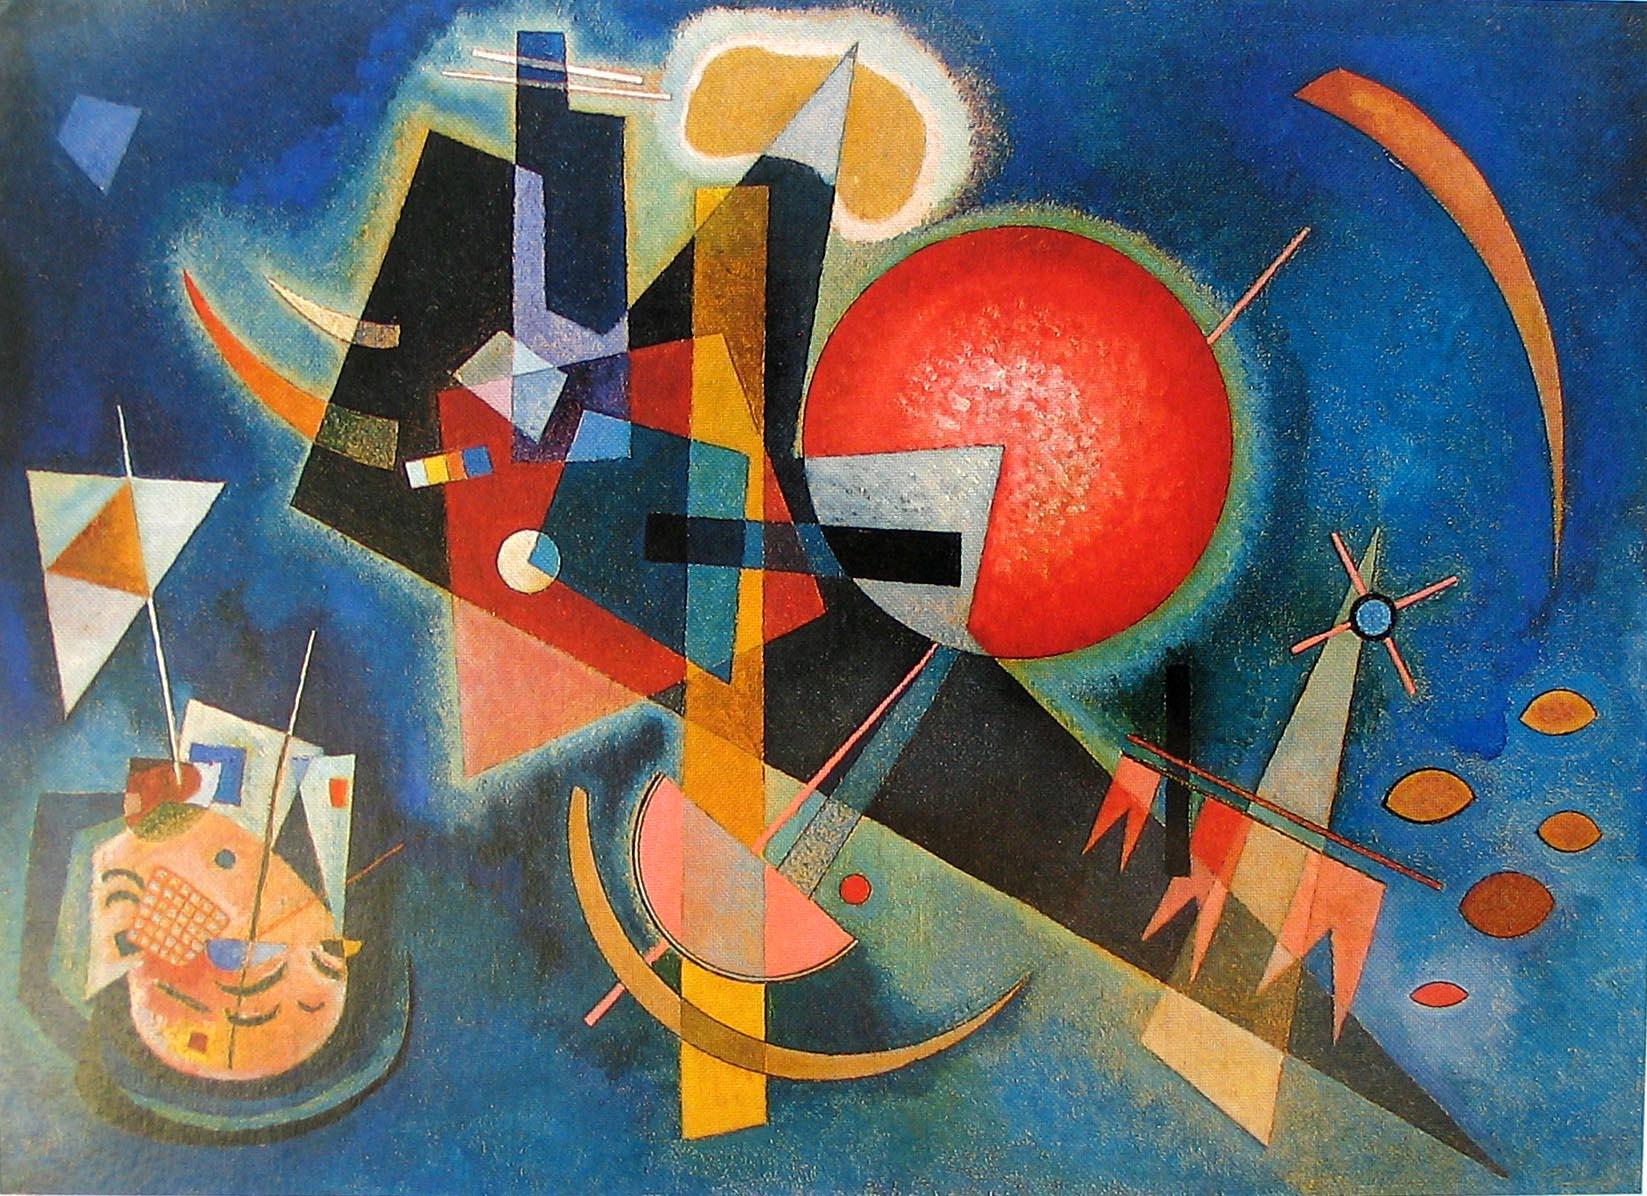 http://arts.clg.berlioz.online.fr/doc6e/kandinsky/kandinsk1.jpg